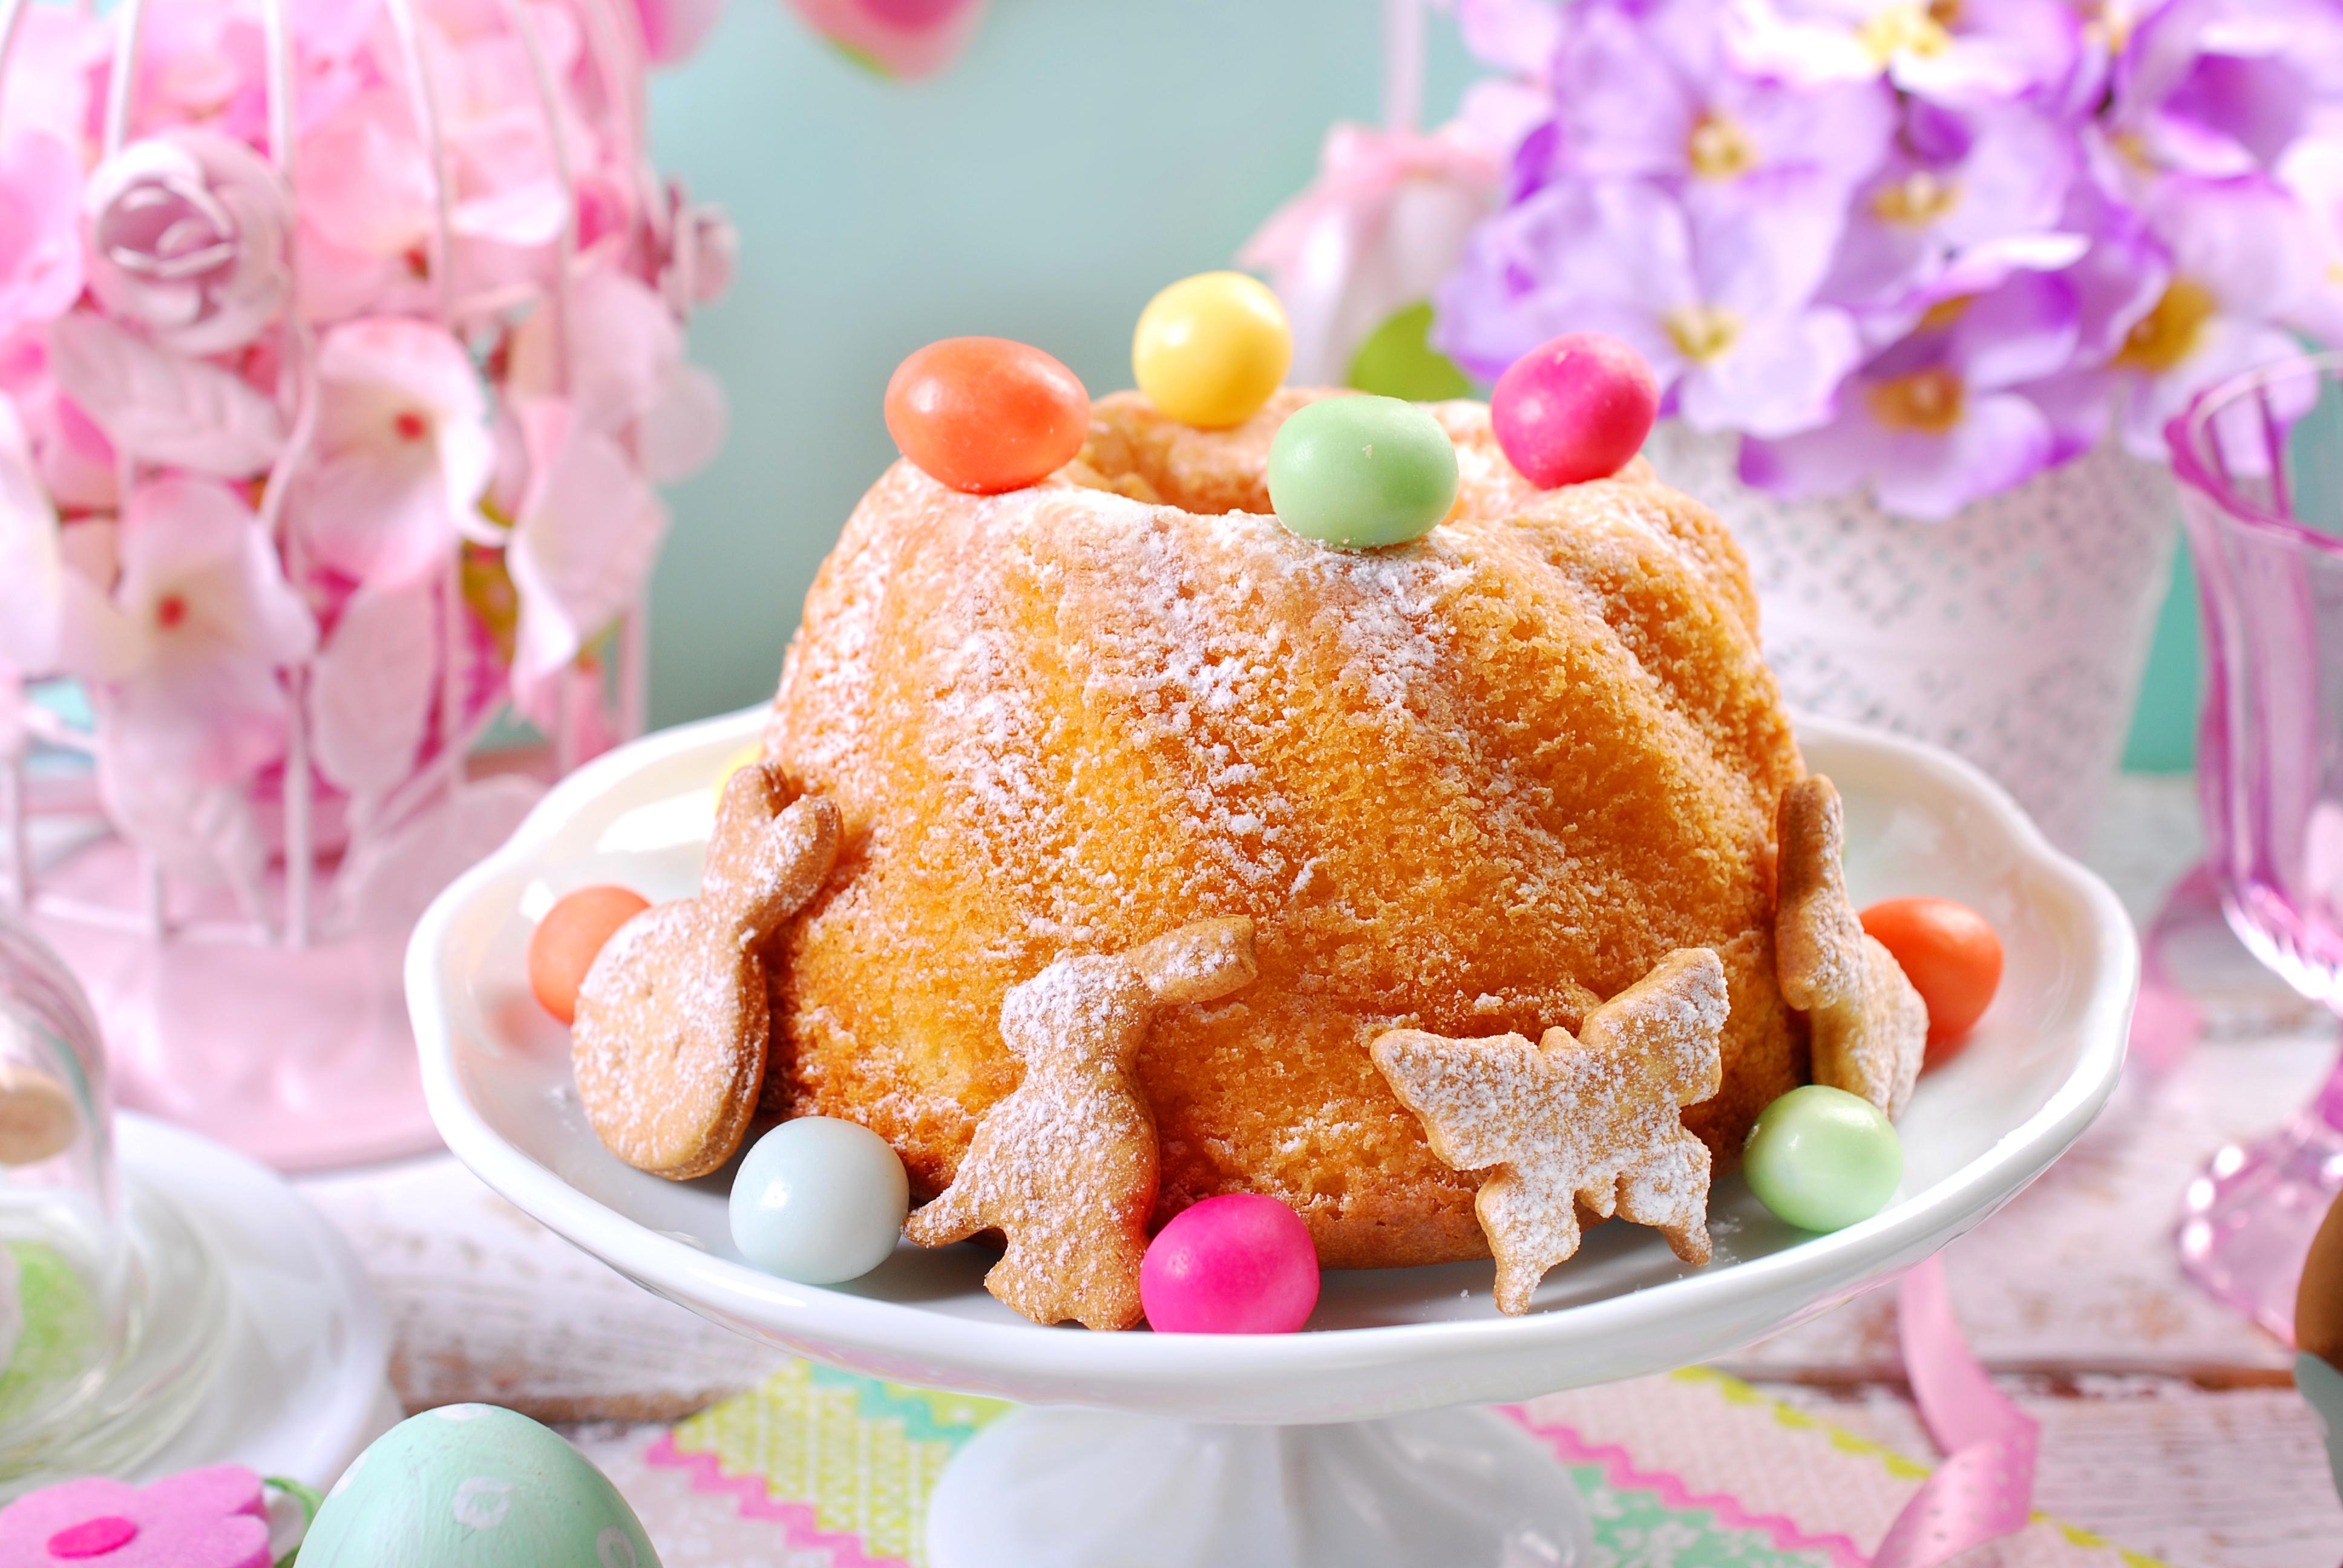 еда праздники яйца пасхальные пасха без смс